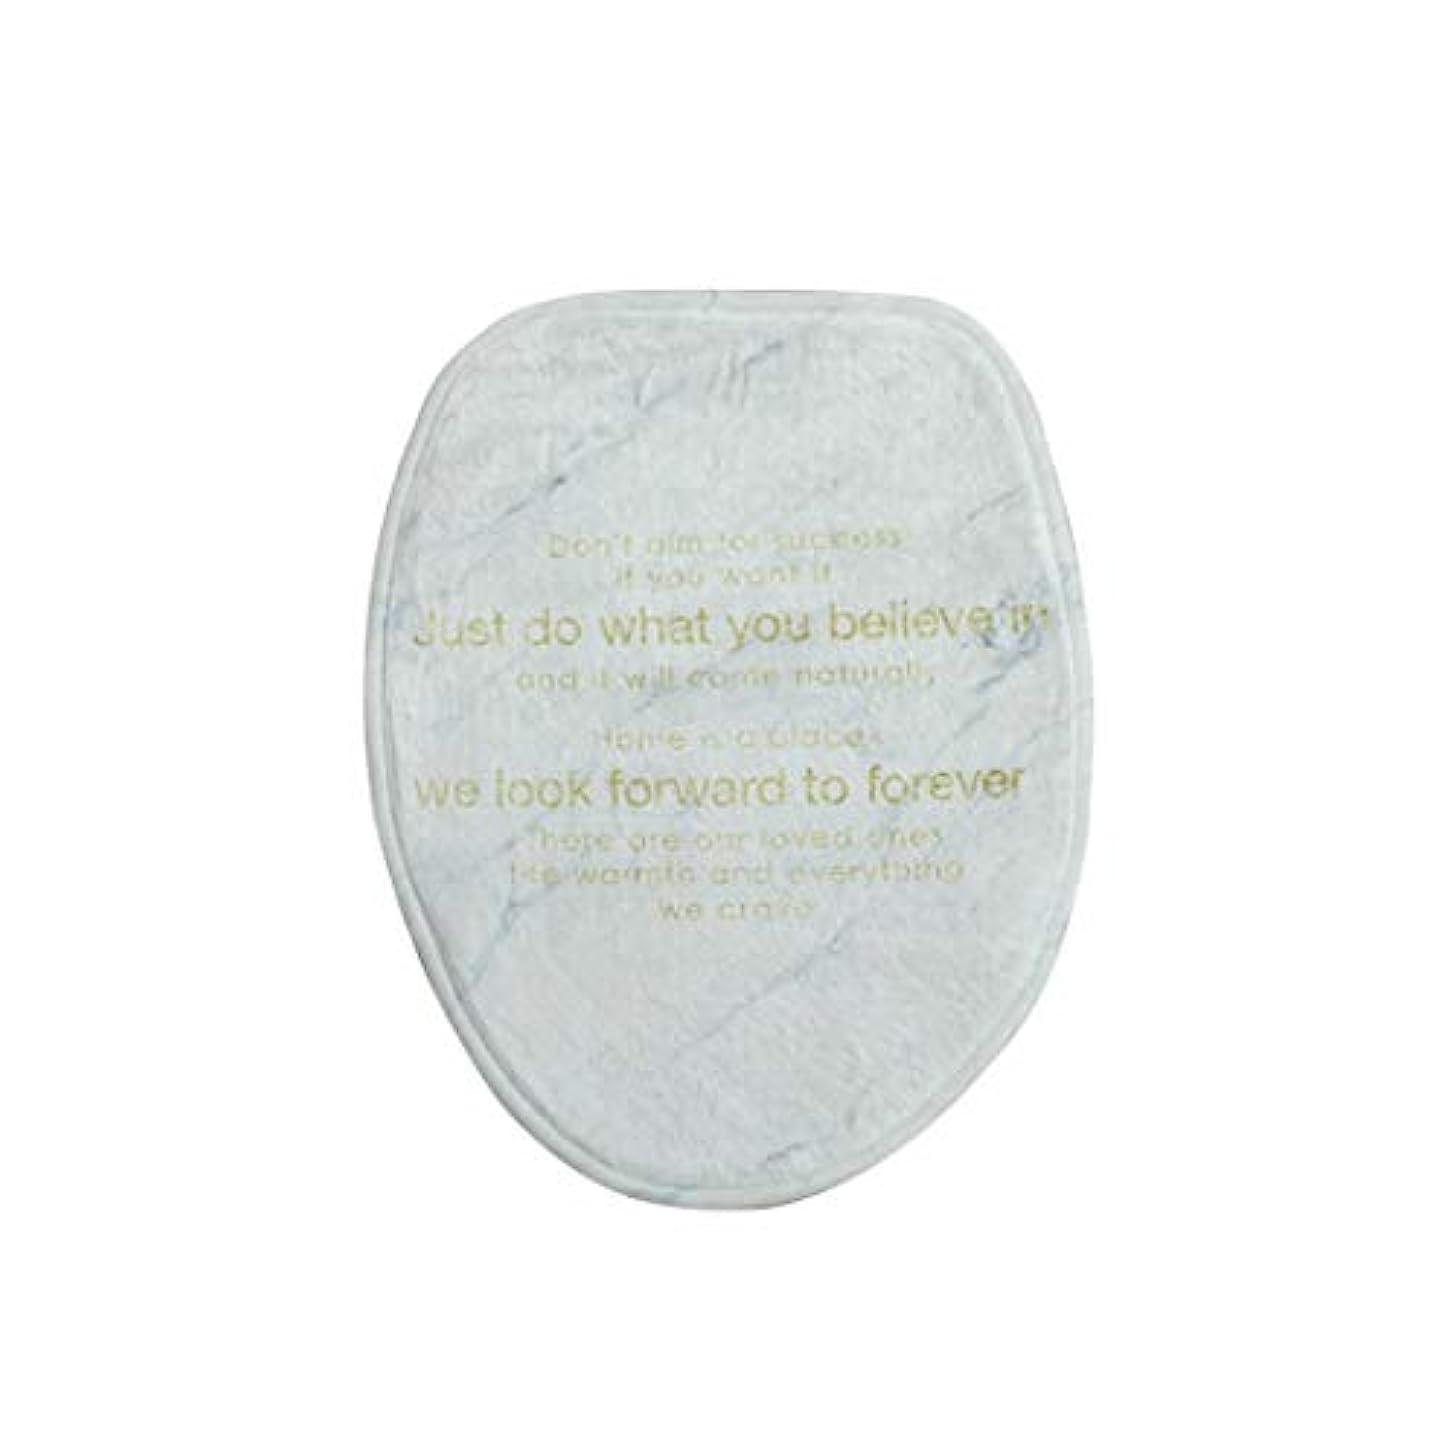 エジプトセメント装備するSwiftgood スティッキー便座ふたウォームカバーパッド洗面化粧台ウォーマーマット用バスルーム